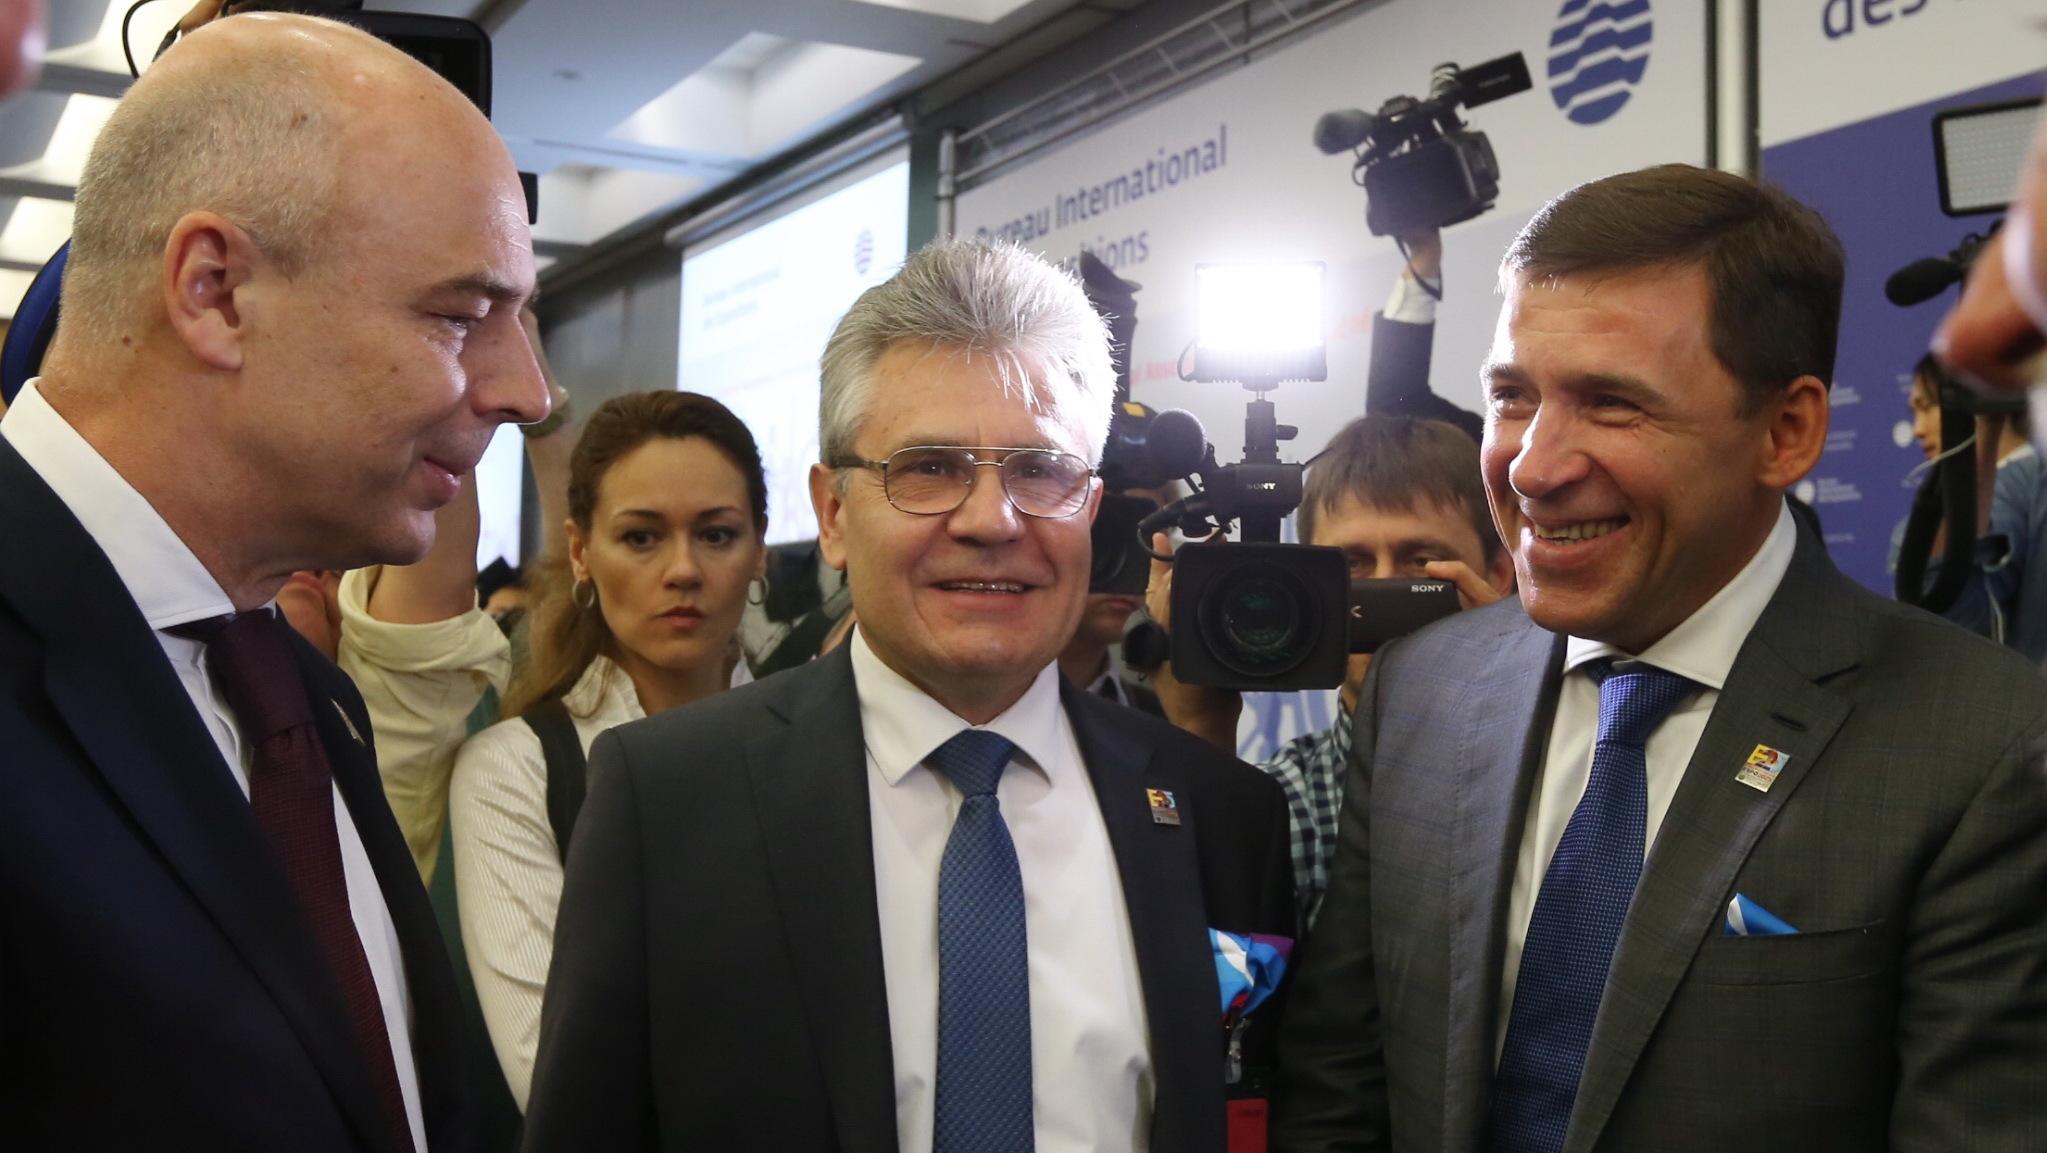 Антон Силуанов и Евгений Куйвашев представили заявку Екатеринбурга на ЭКСПО-2025. Три новых обещания